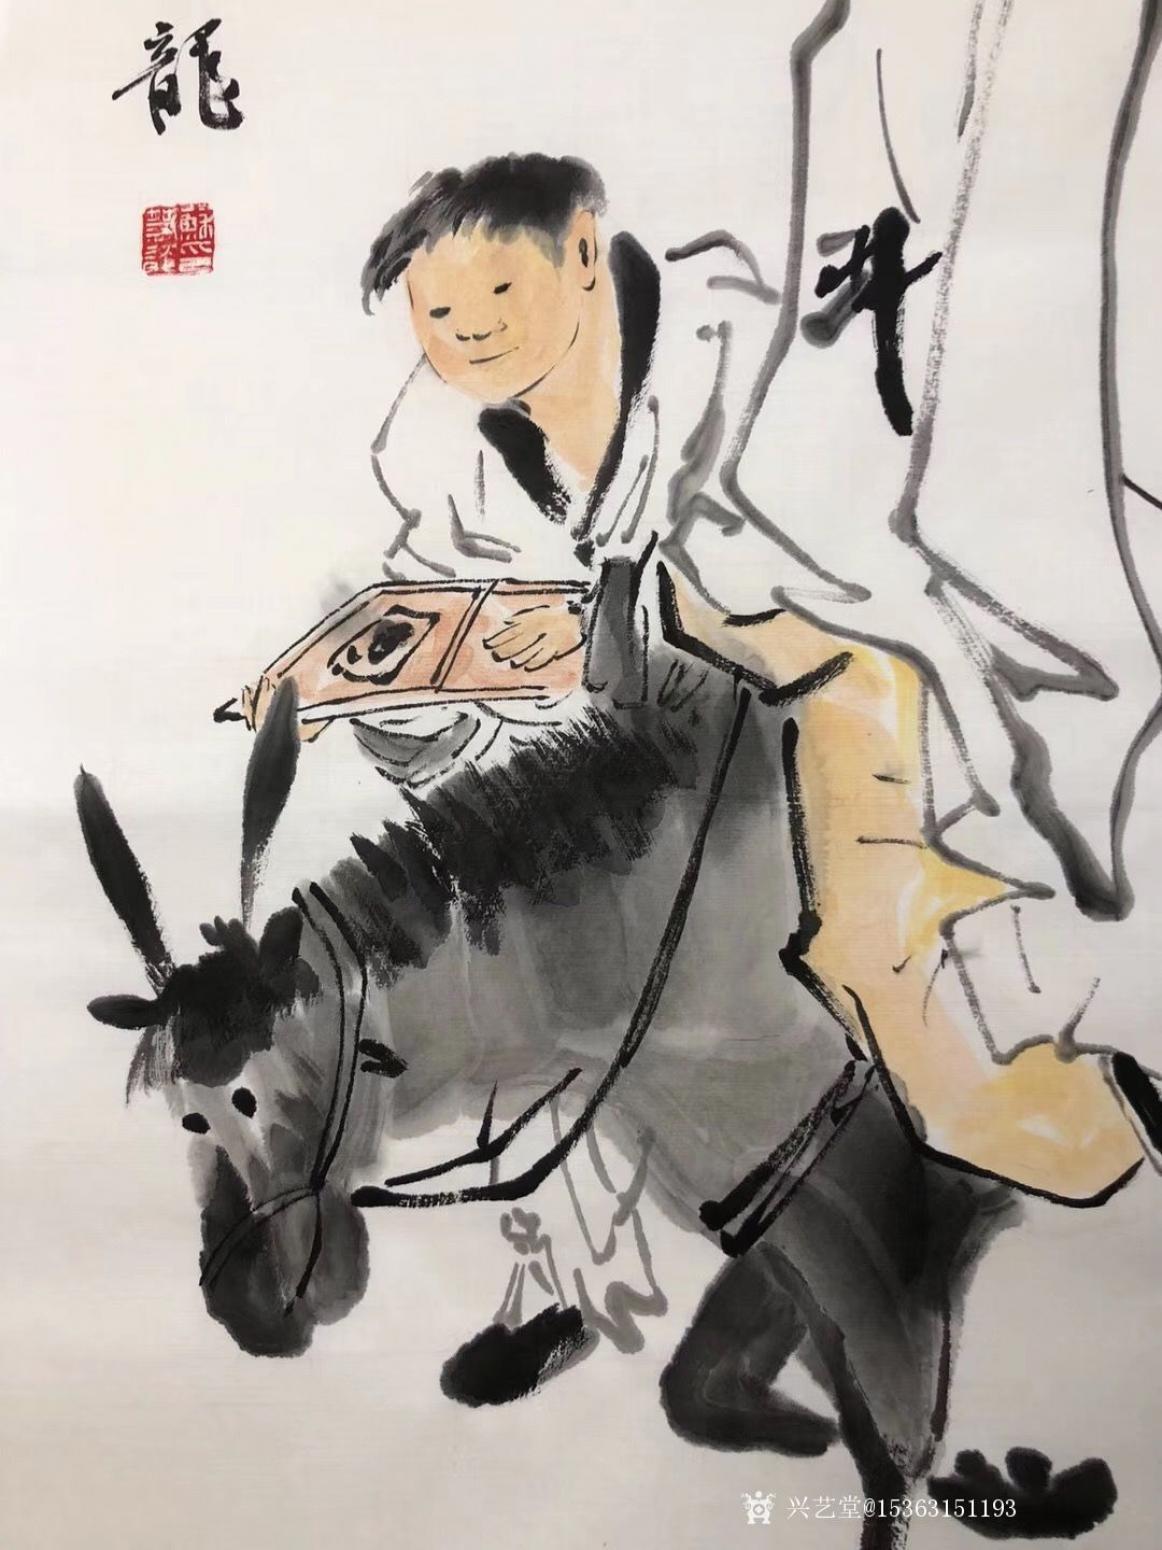 15363151193国画作品《李太白醉酒图》【图2】